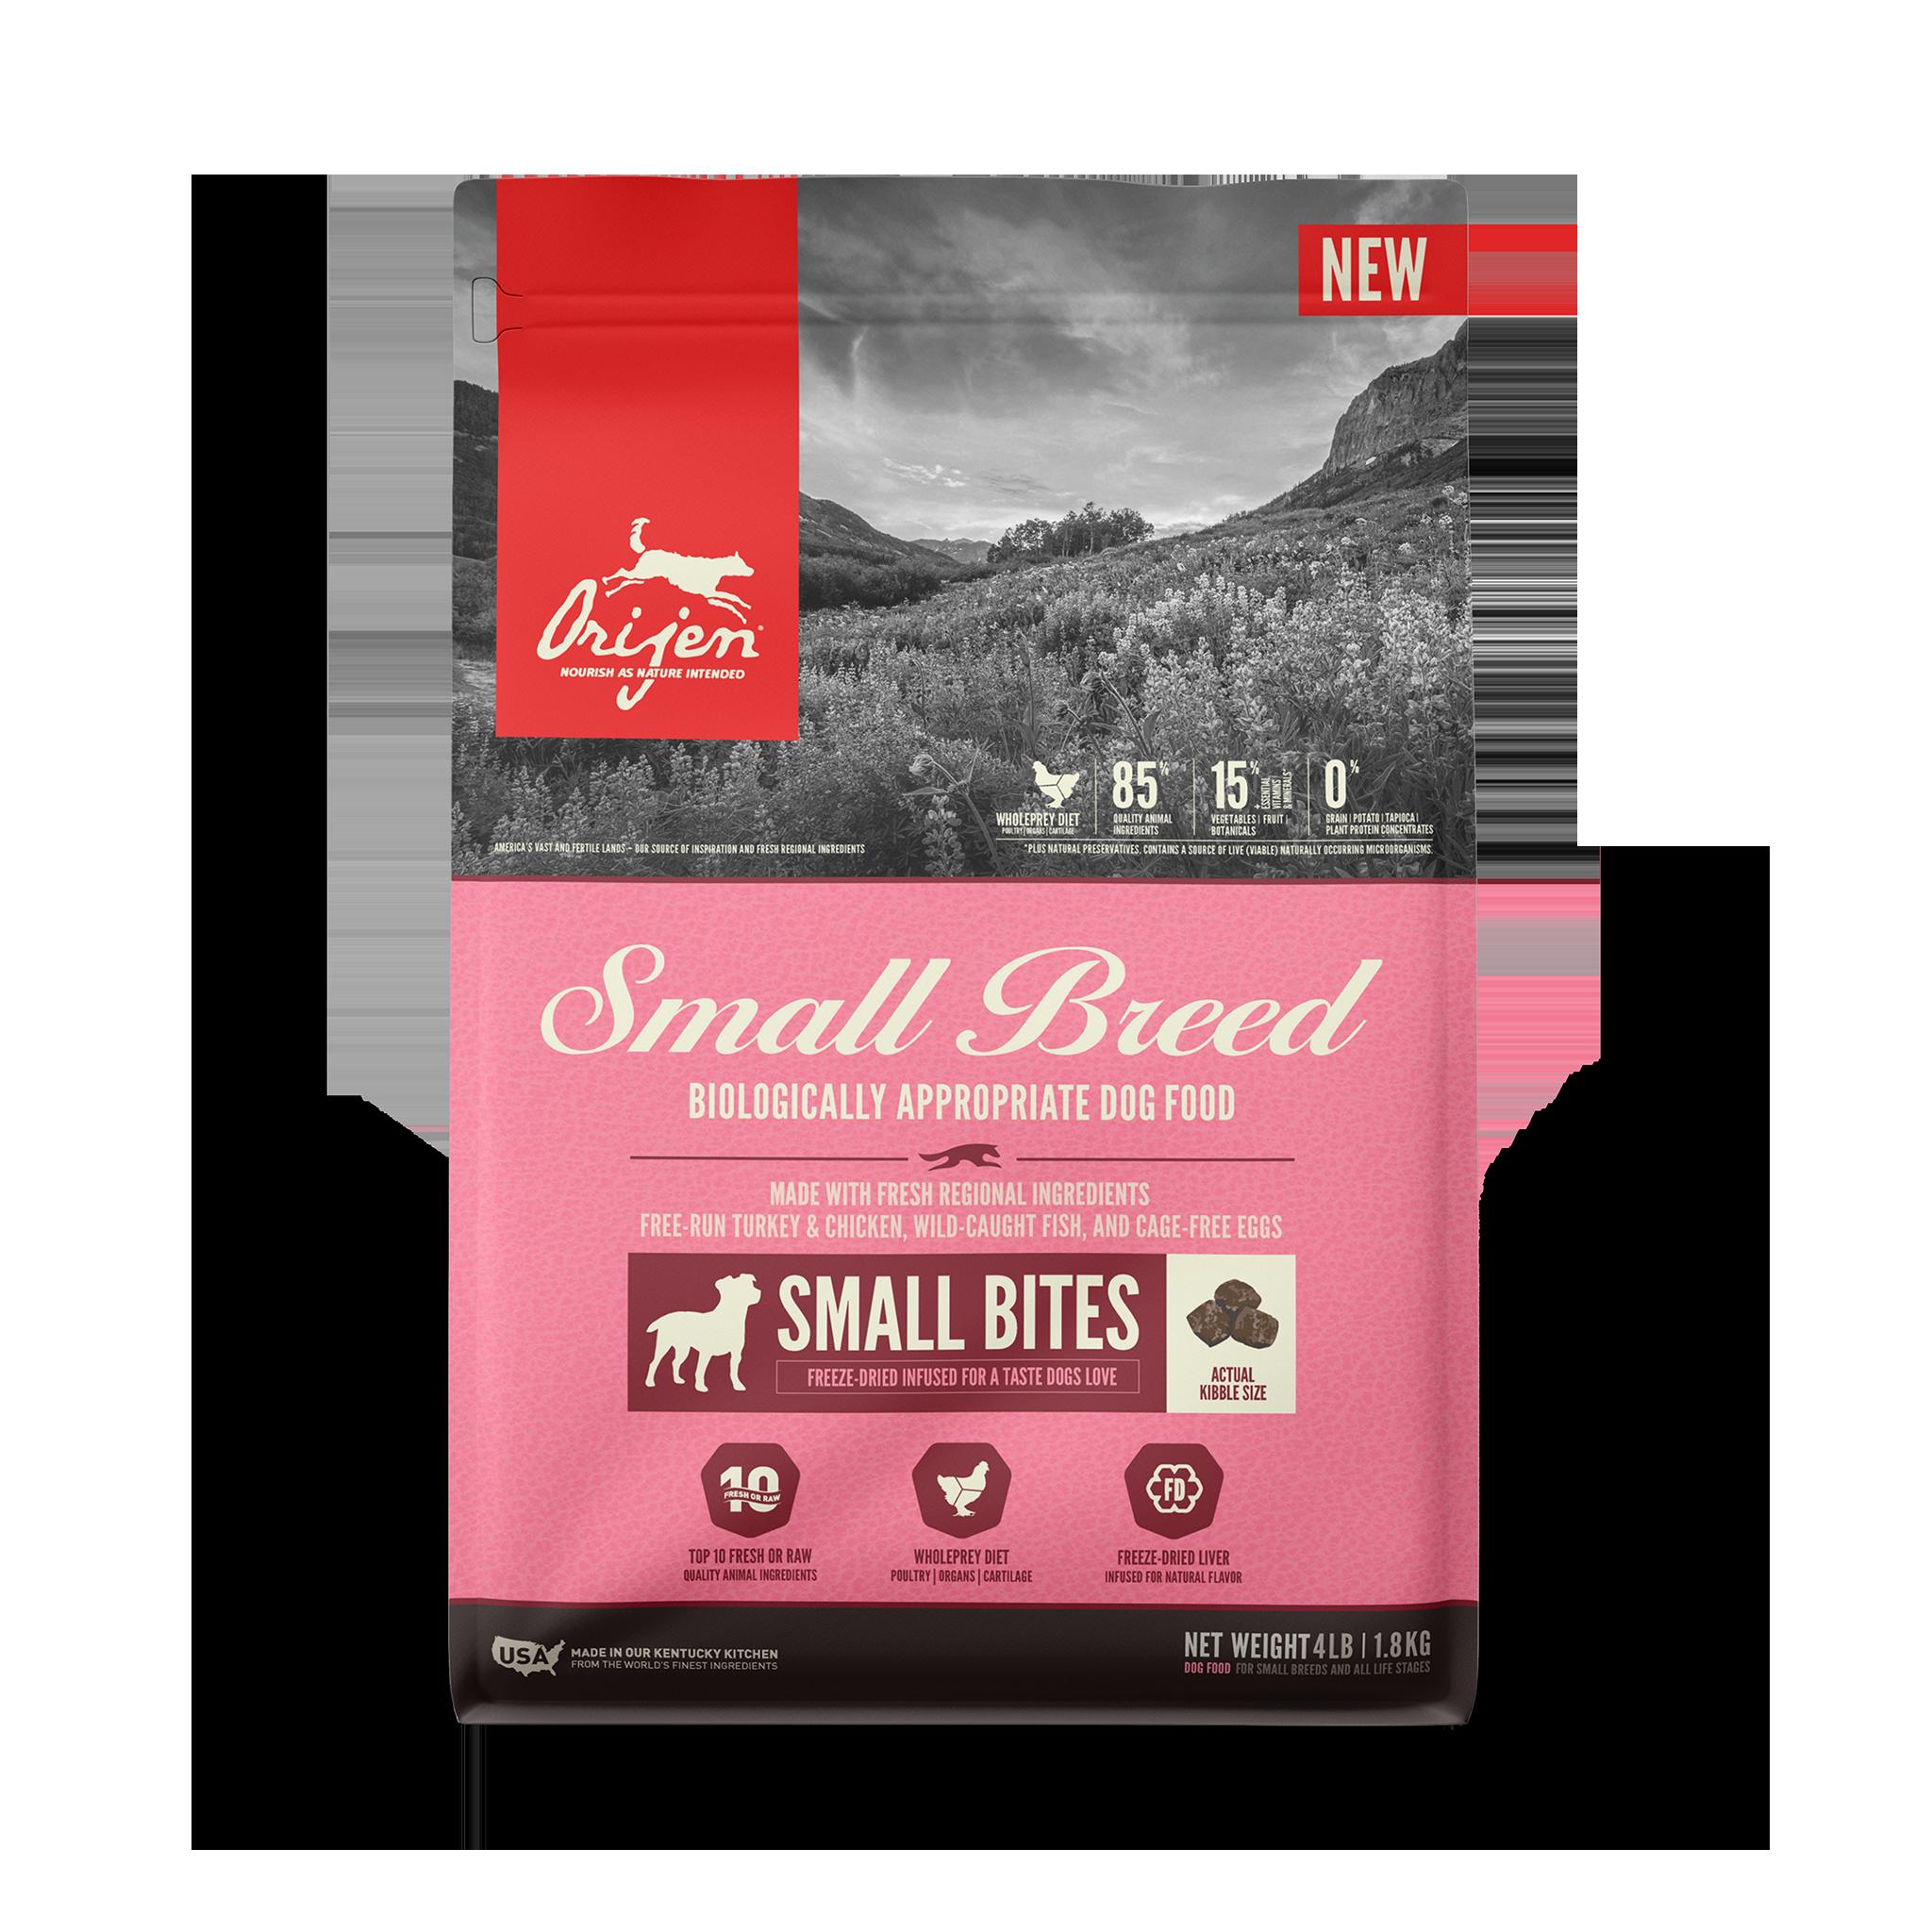 Orijen Orijen Small Breed Dry Dog Food